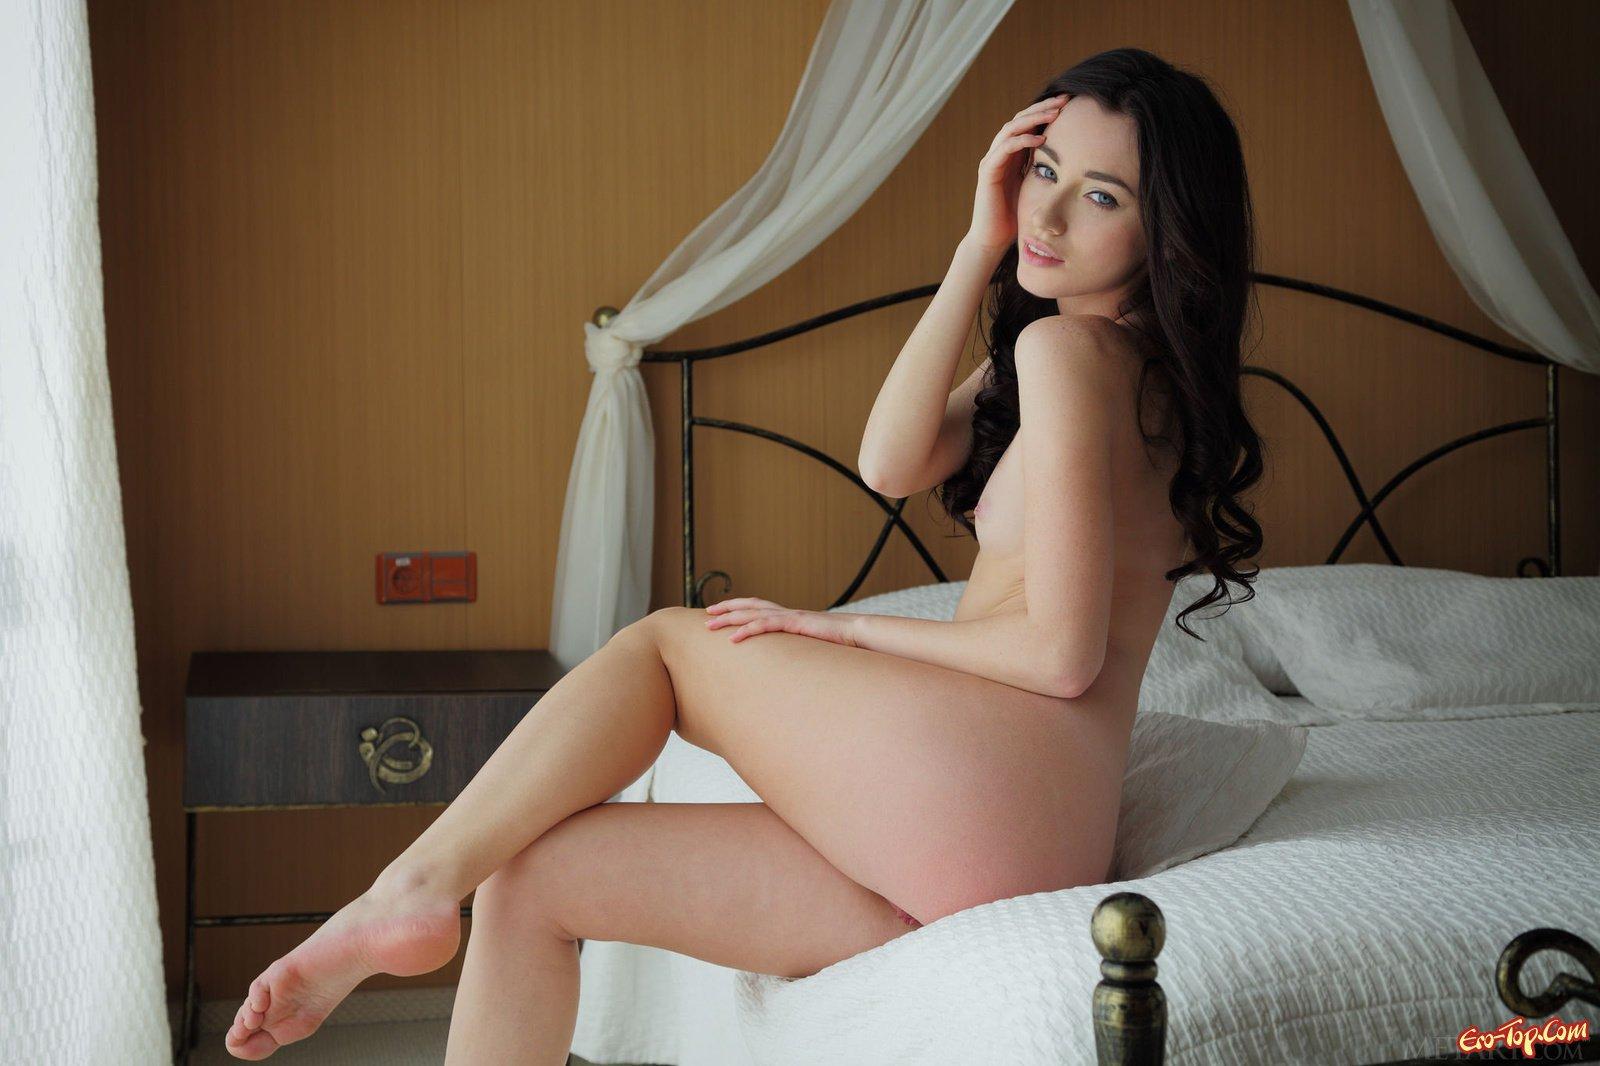 Брюнеточка оголяет жопу и пизду в постели